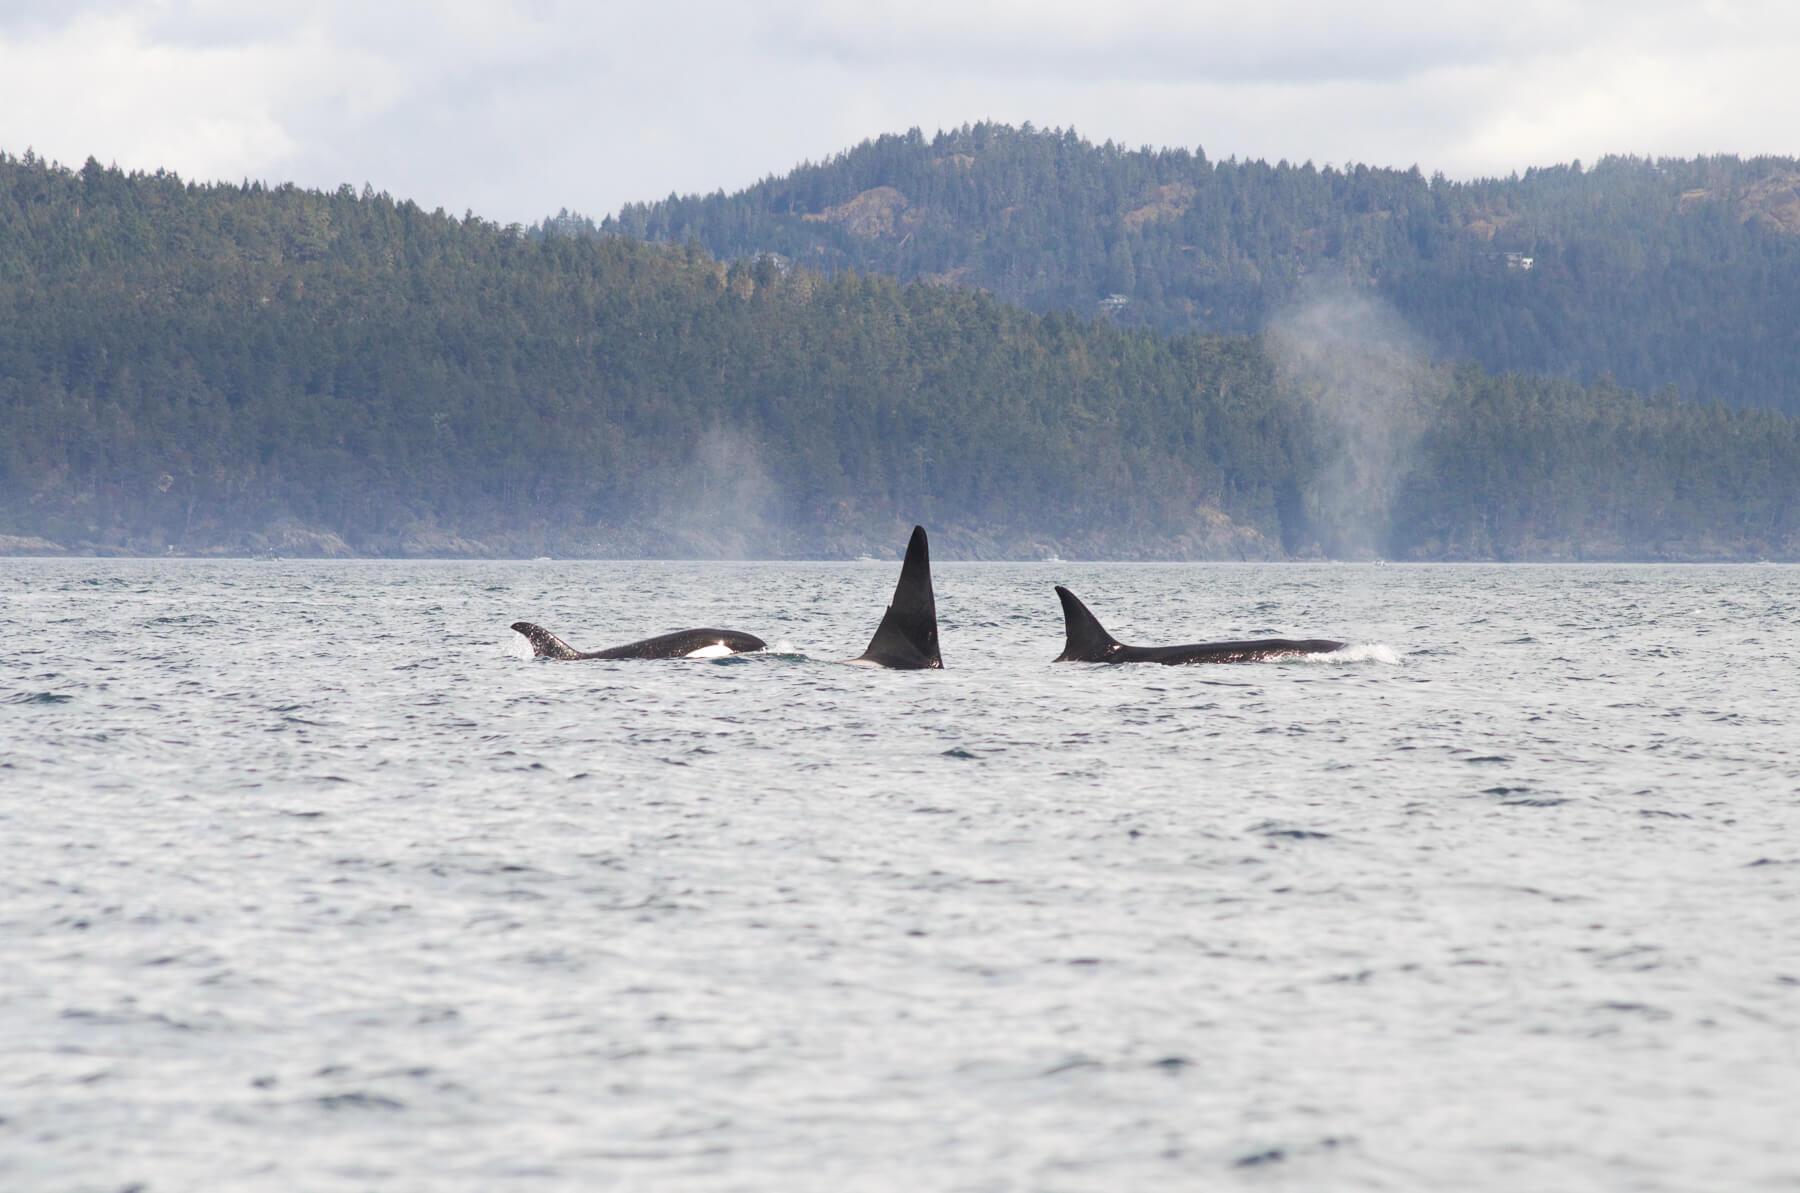 3 Orcas swimming, Victoria BC